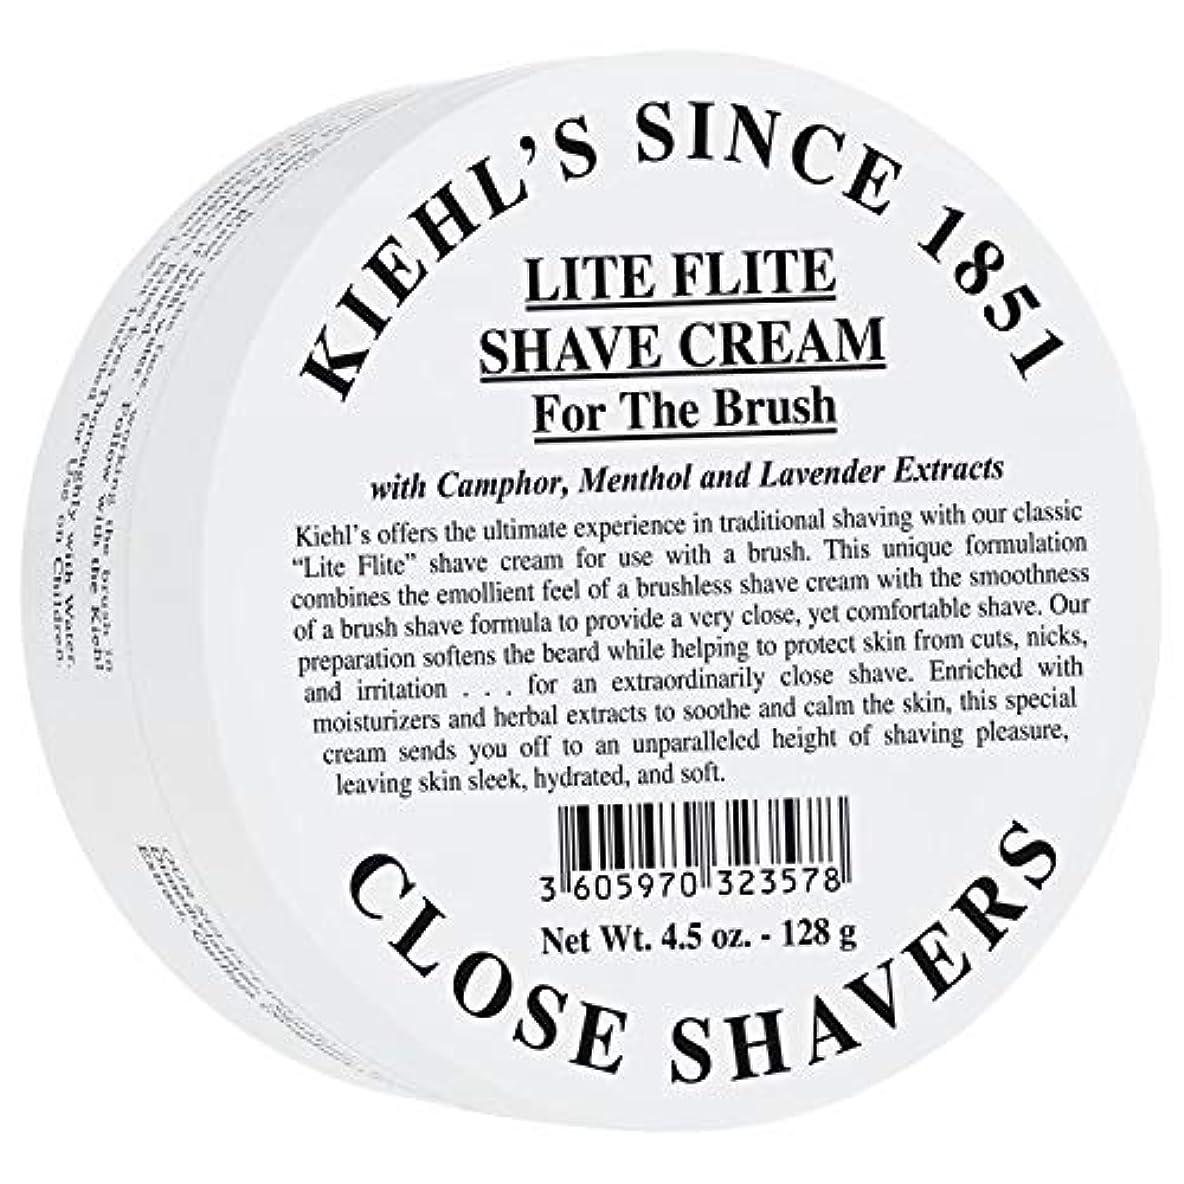 電圧うんシーン[Kiehl's] キールズLiteの飛行シェーブクリーム128グラム - Kiehl's Lite Flight Shave Cream 128g [並行輸入品]